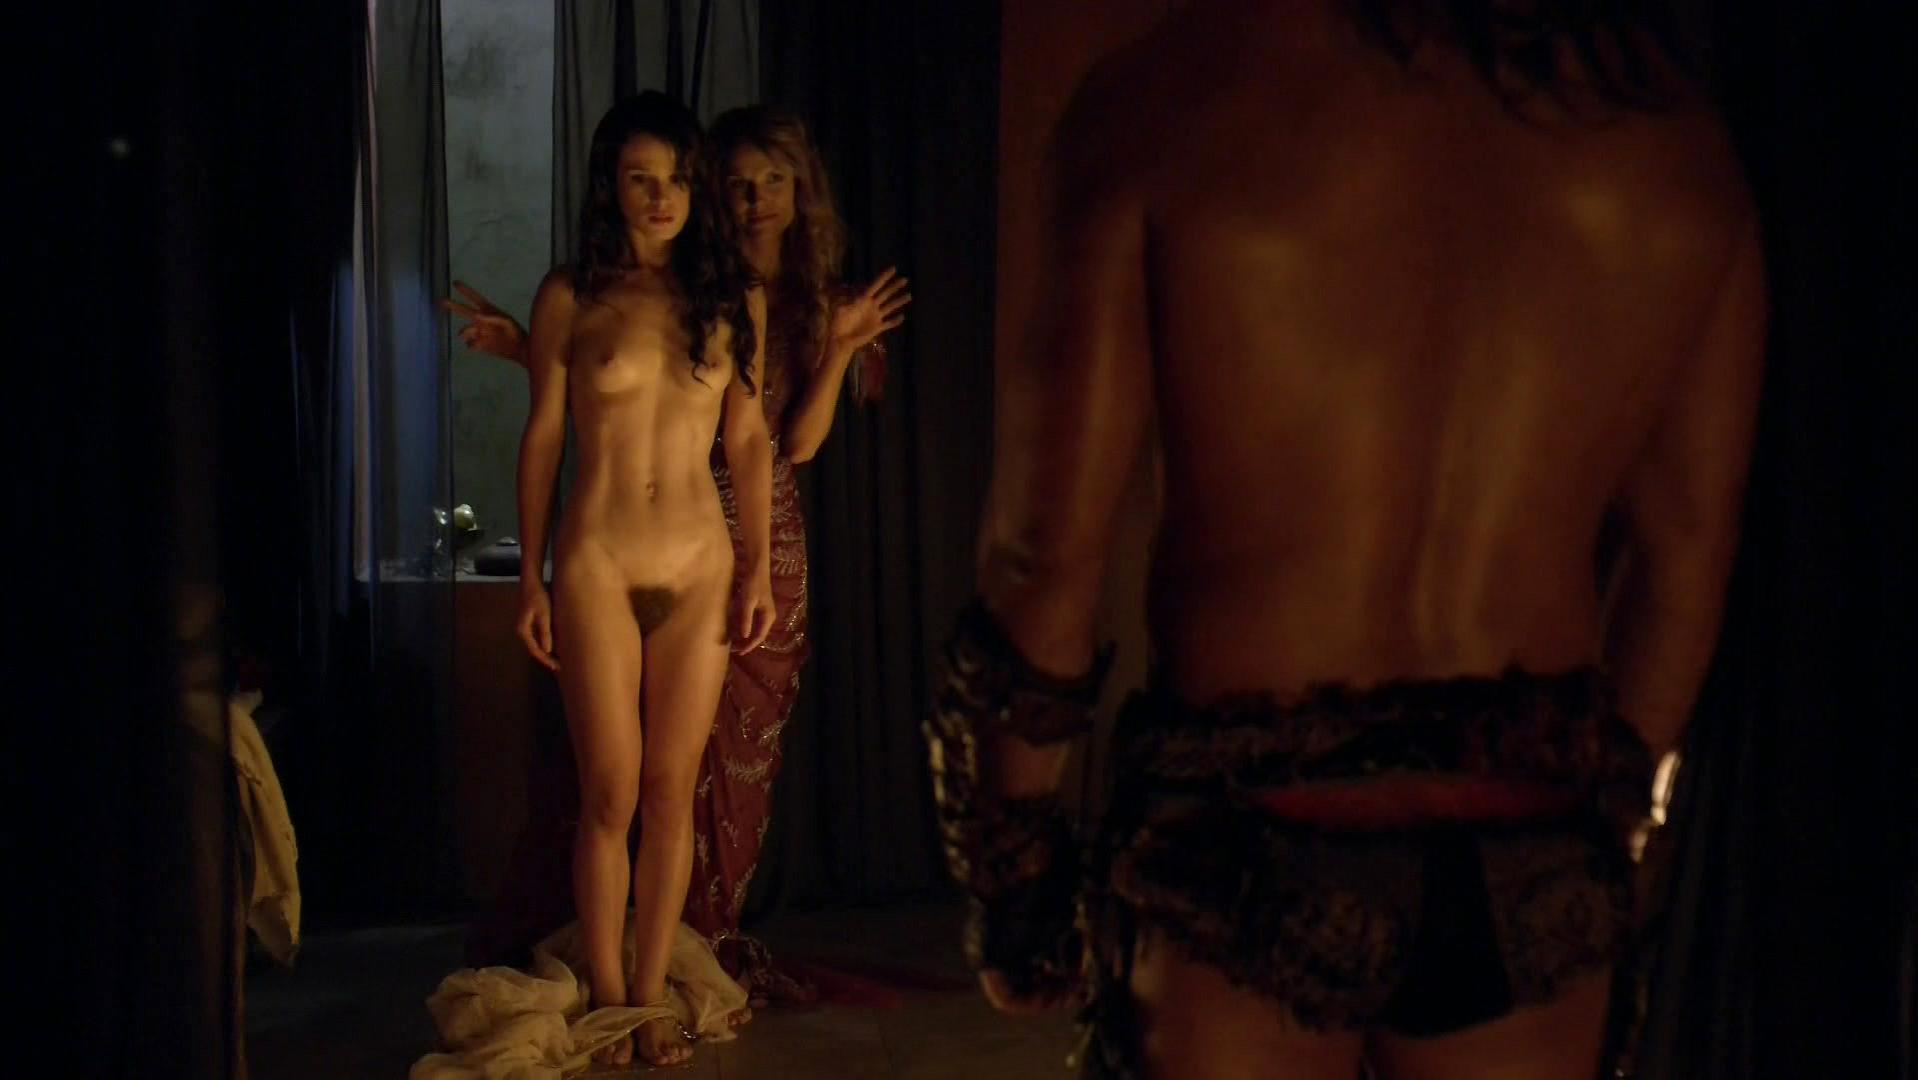 Ellen Hollman nude, Gwendoline Taylor nude - Spartacus s03e03 (2013)